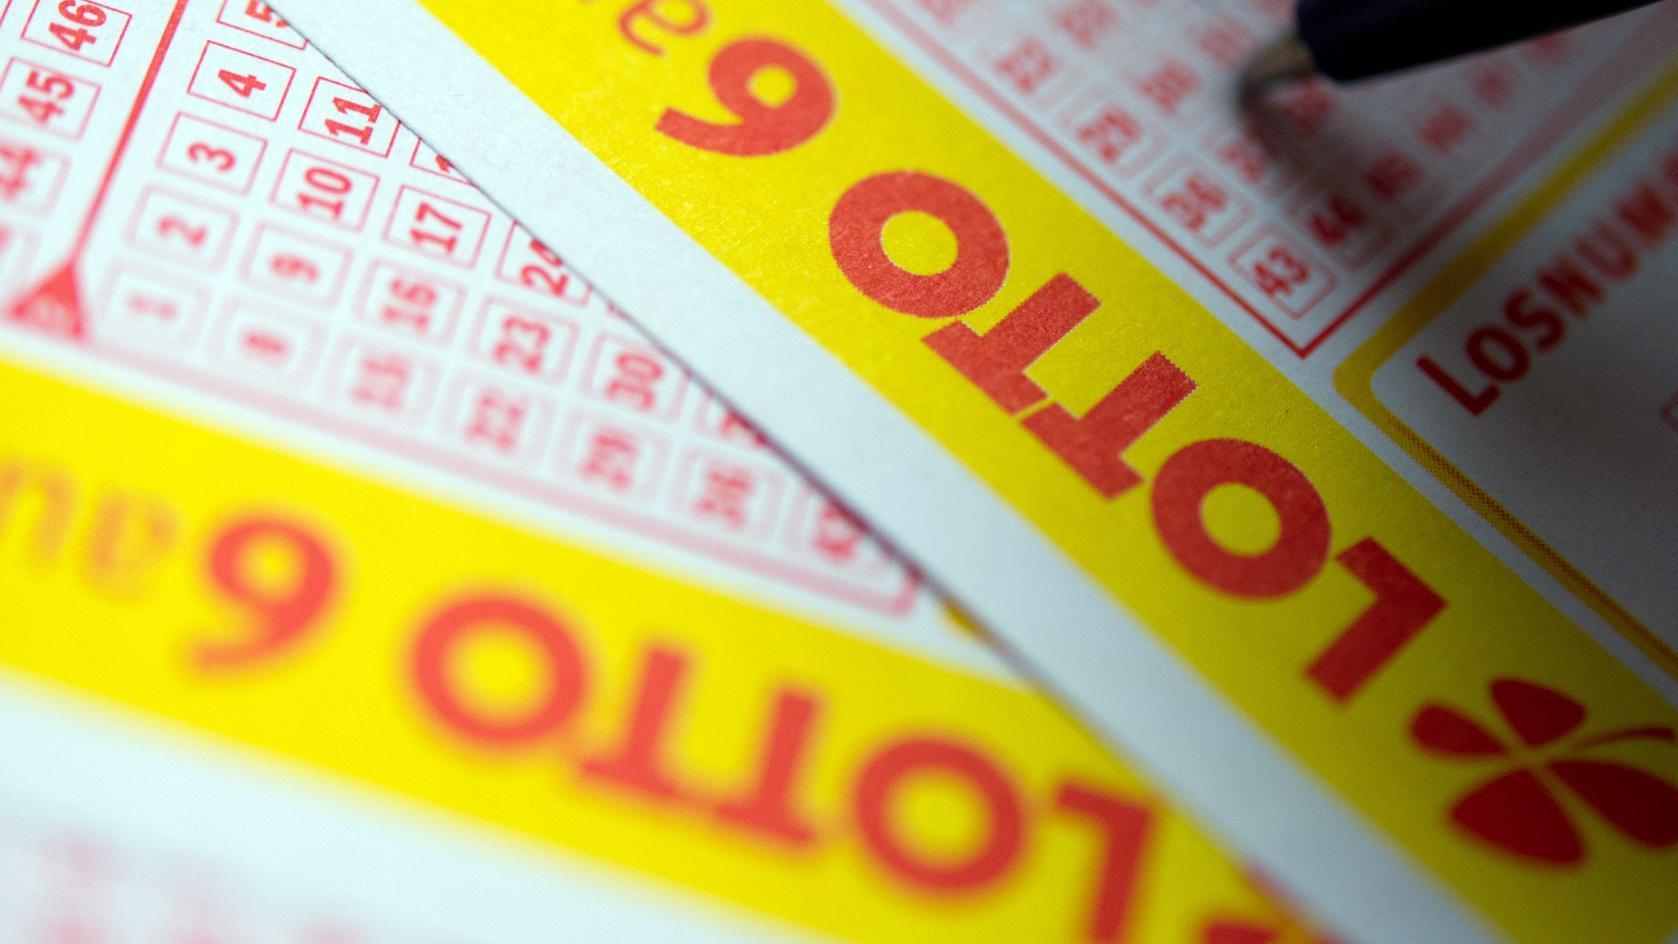 Baden-Württemberg, Stuttgart: Ein Mann füllt einen Lottoschein aus.